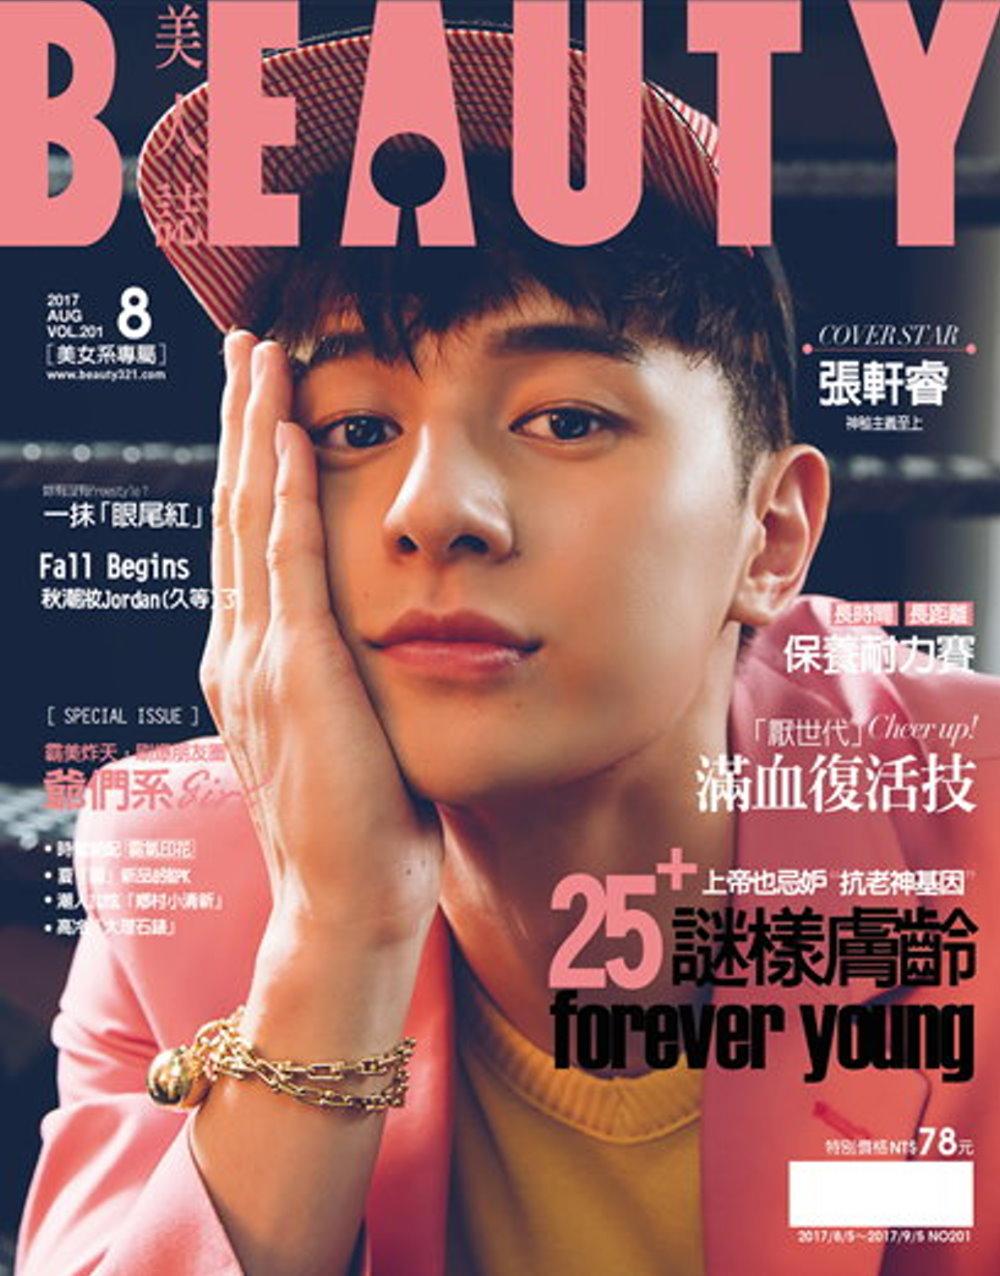 BEAUTY美人誌 8月號/2017 第201期